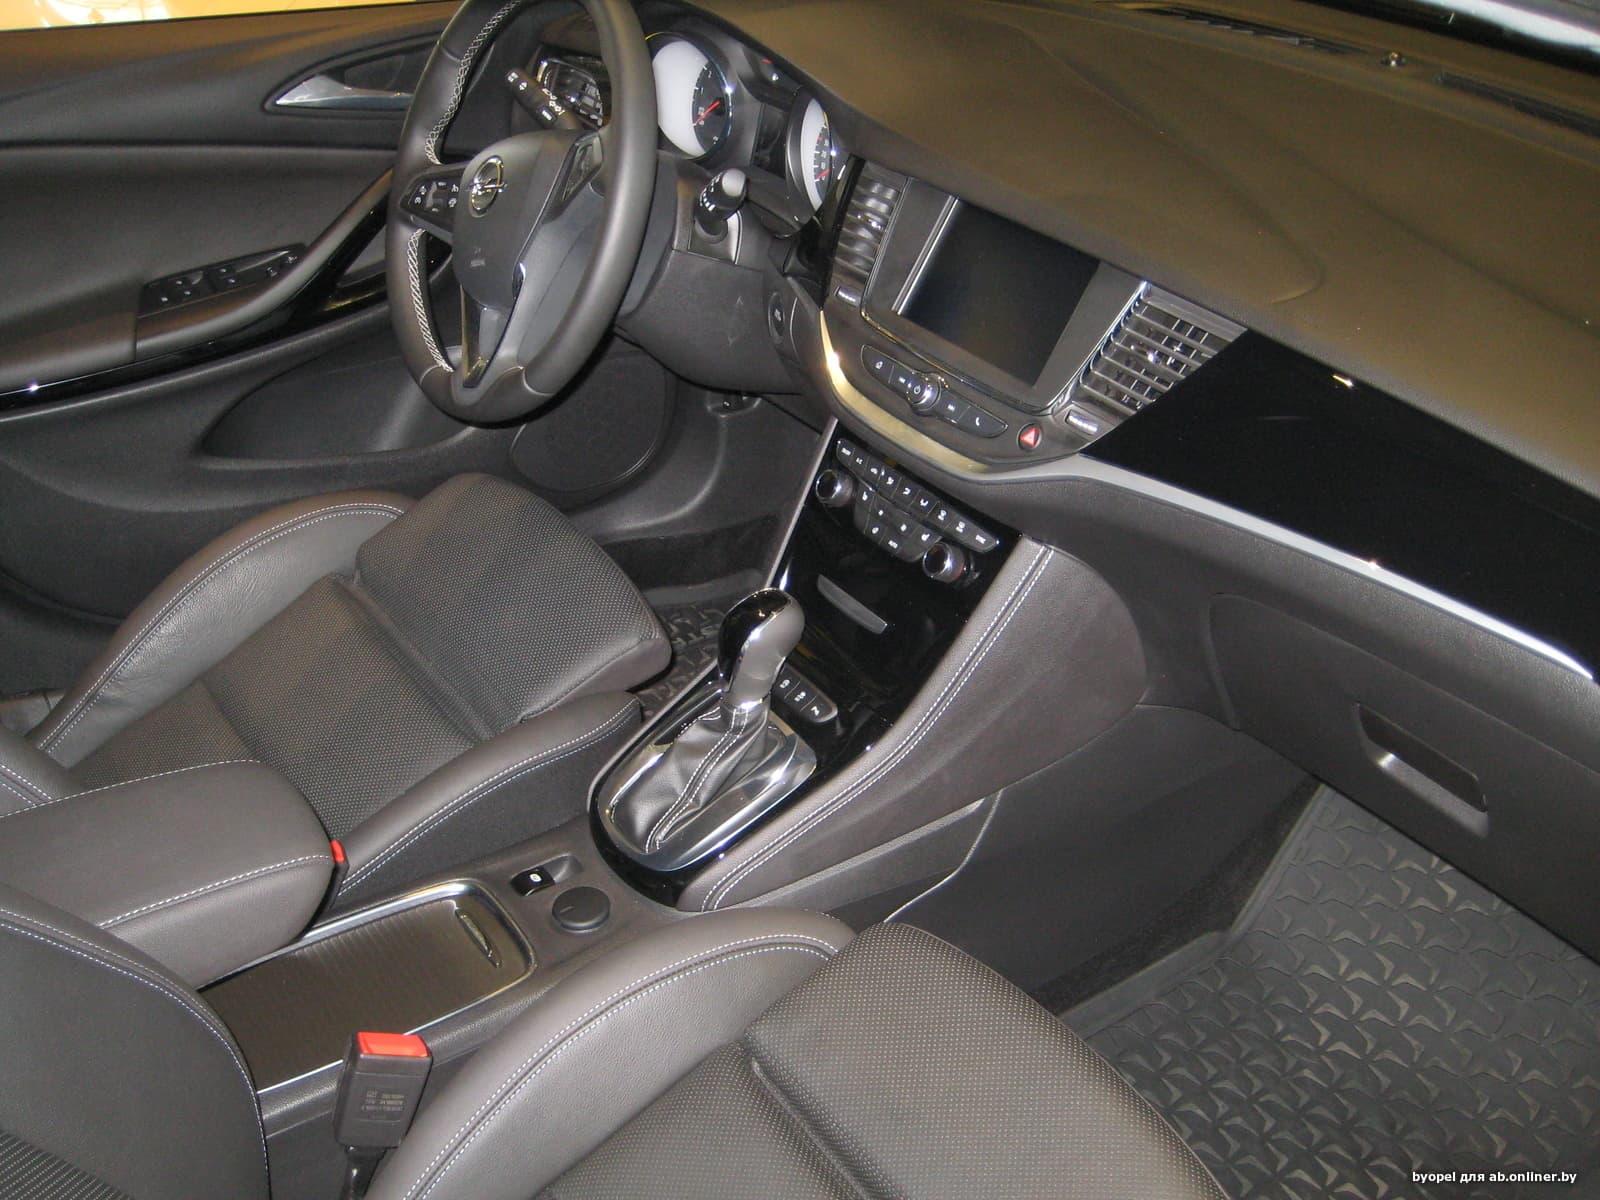 Opel Astra K 1.4 Turbo AT